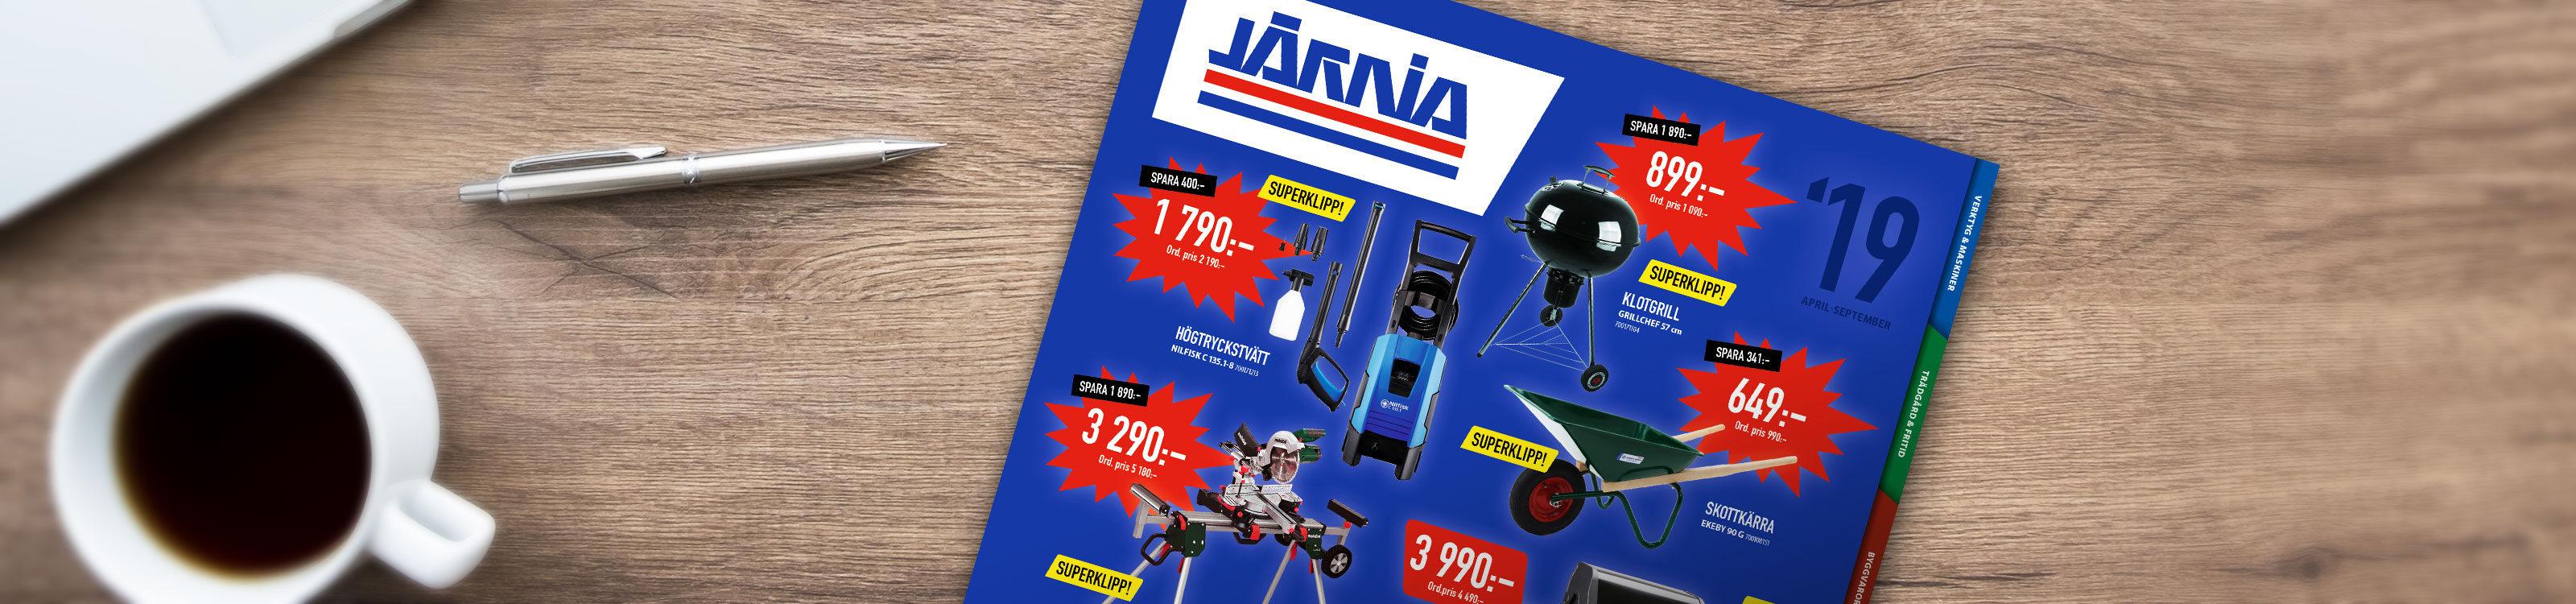 Bild på Järnia-katalog